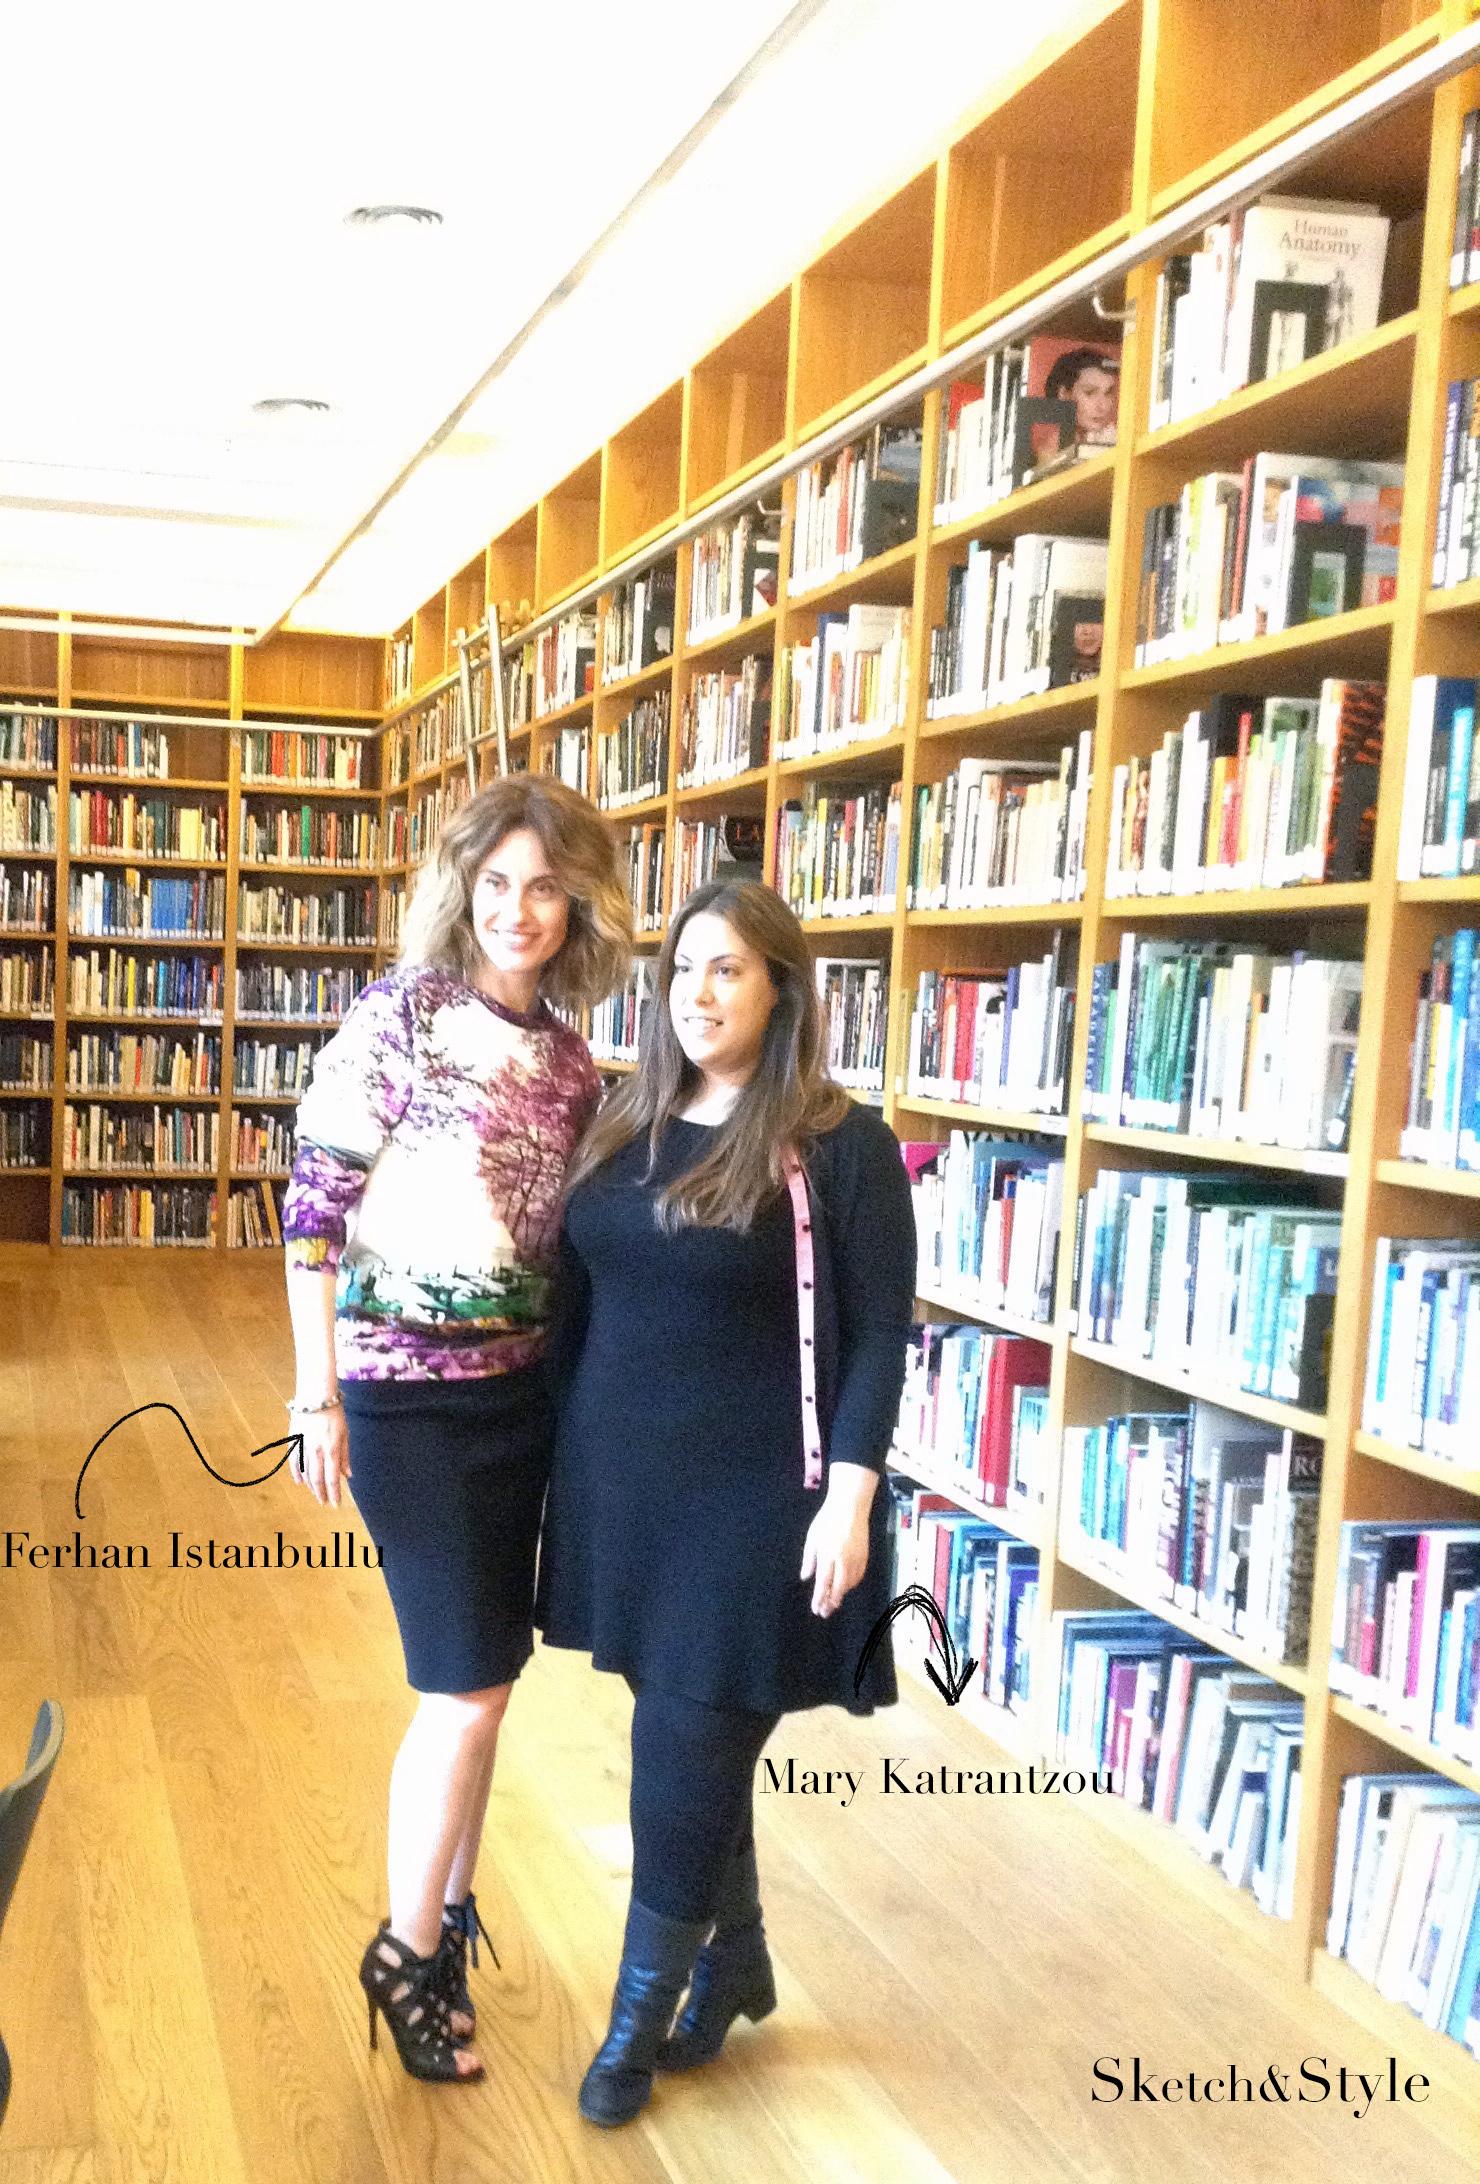 Mary Katrantzou & Ferhan Istanbullu